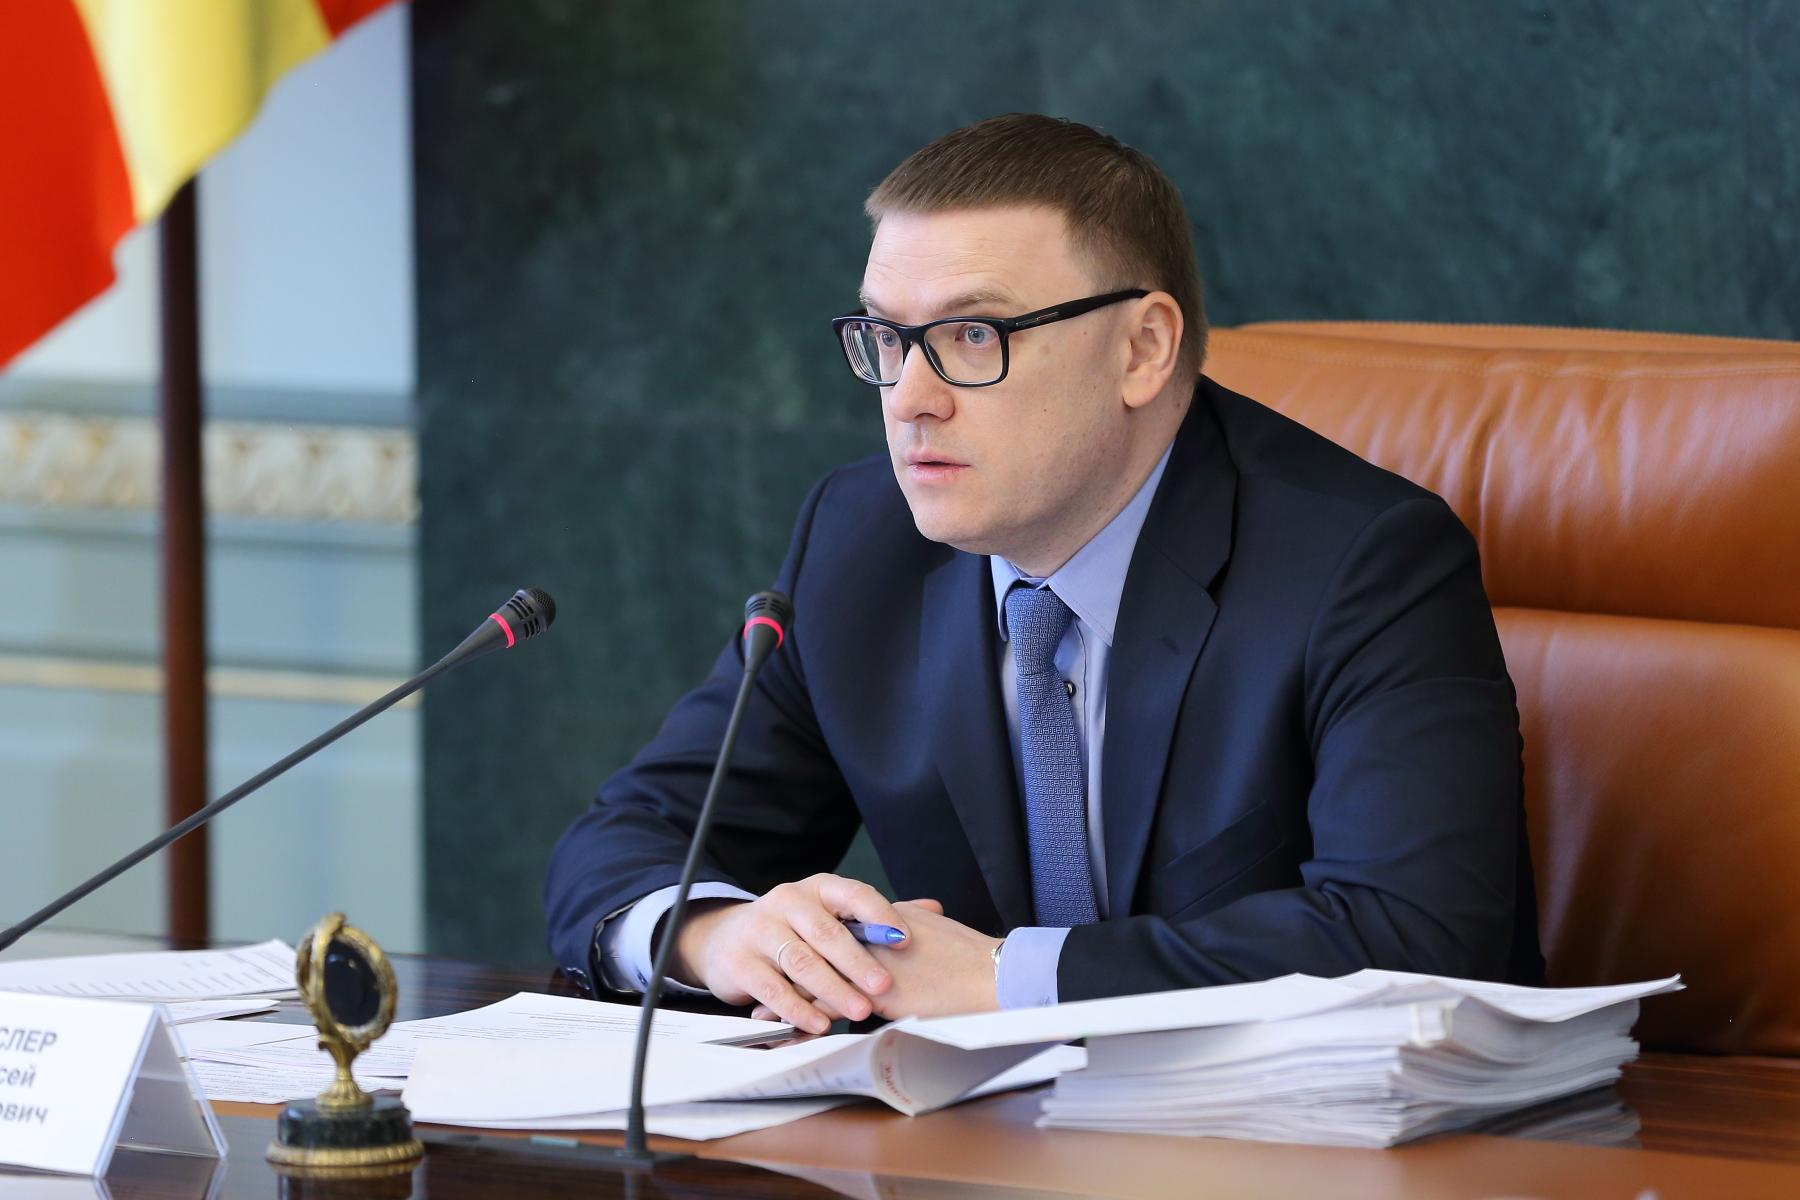 До 2021 года в Челябинской области будет открыто 100 фельдшерско-акушерских пунктов (ФАП).